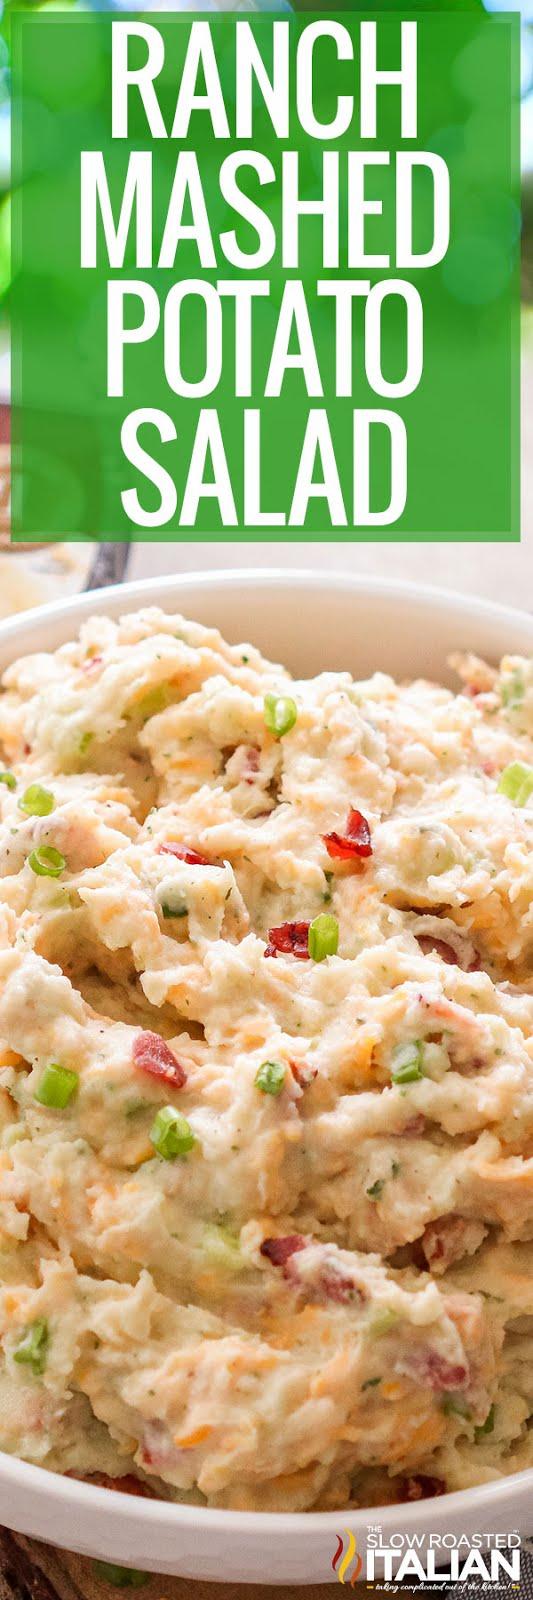 Ranch Mashed Potato Salad